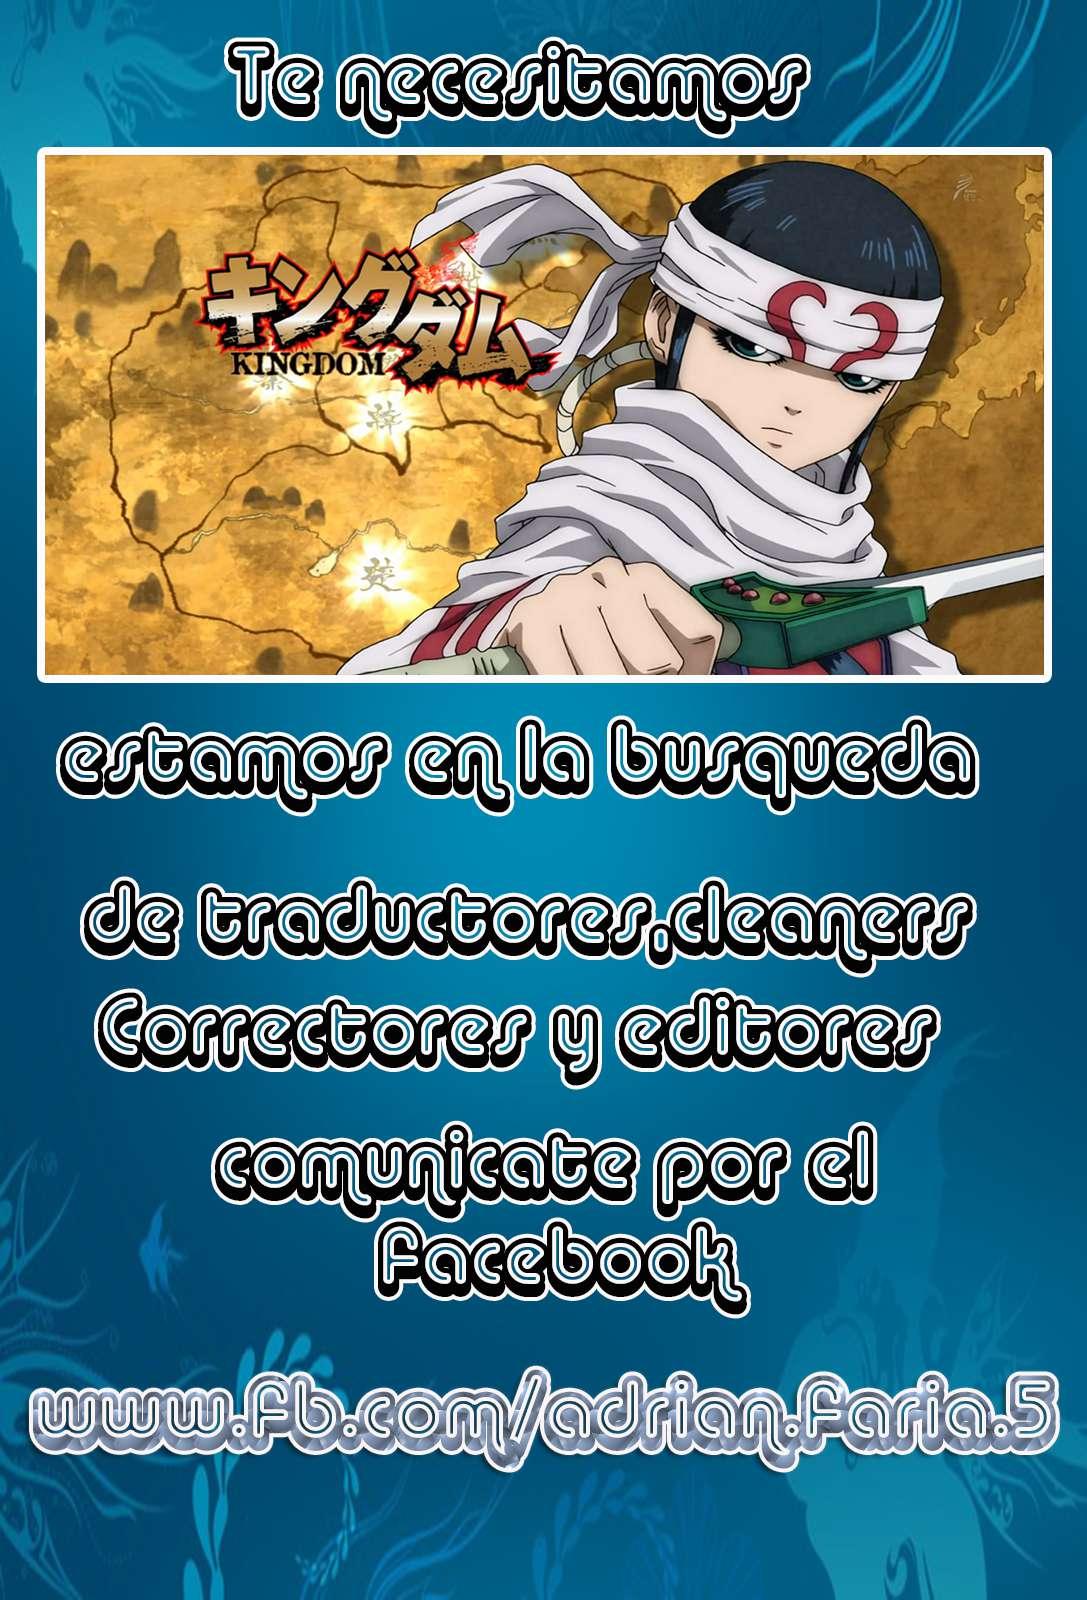 http://c5.ninemanga.com/es_manga/19/12307/360963/6ef36c8de89f58253dbbd5f338837bf1.jpg Page 1